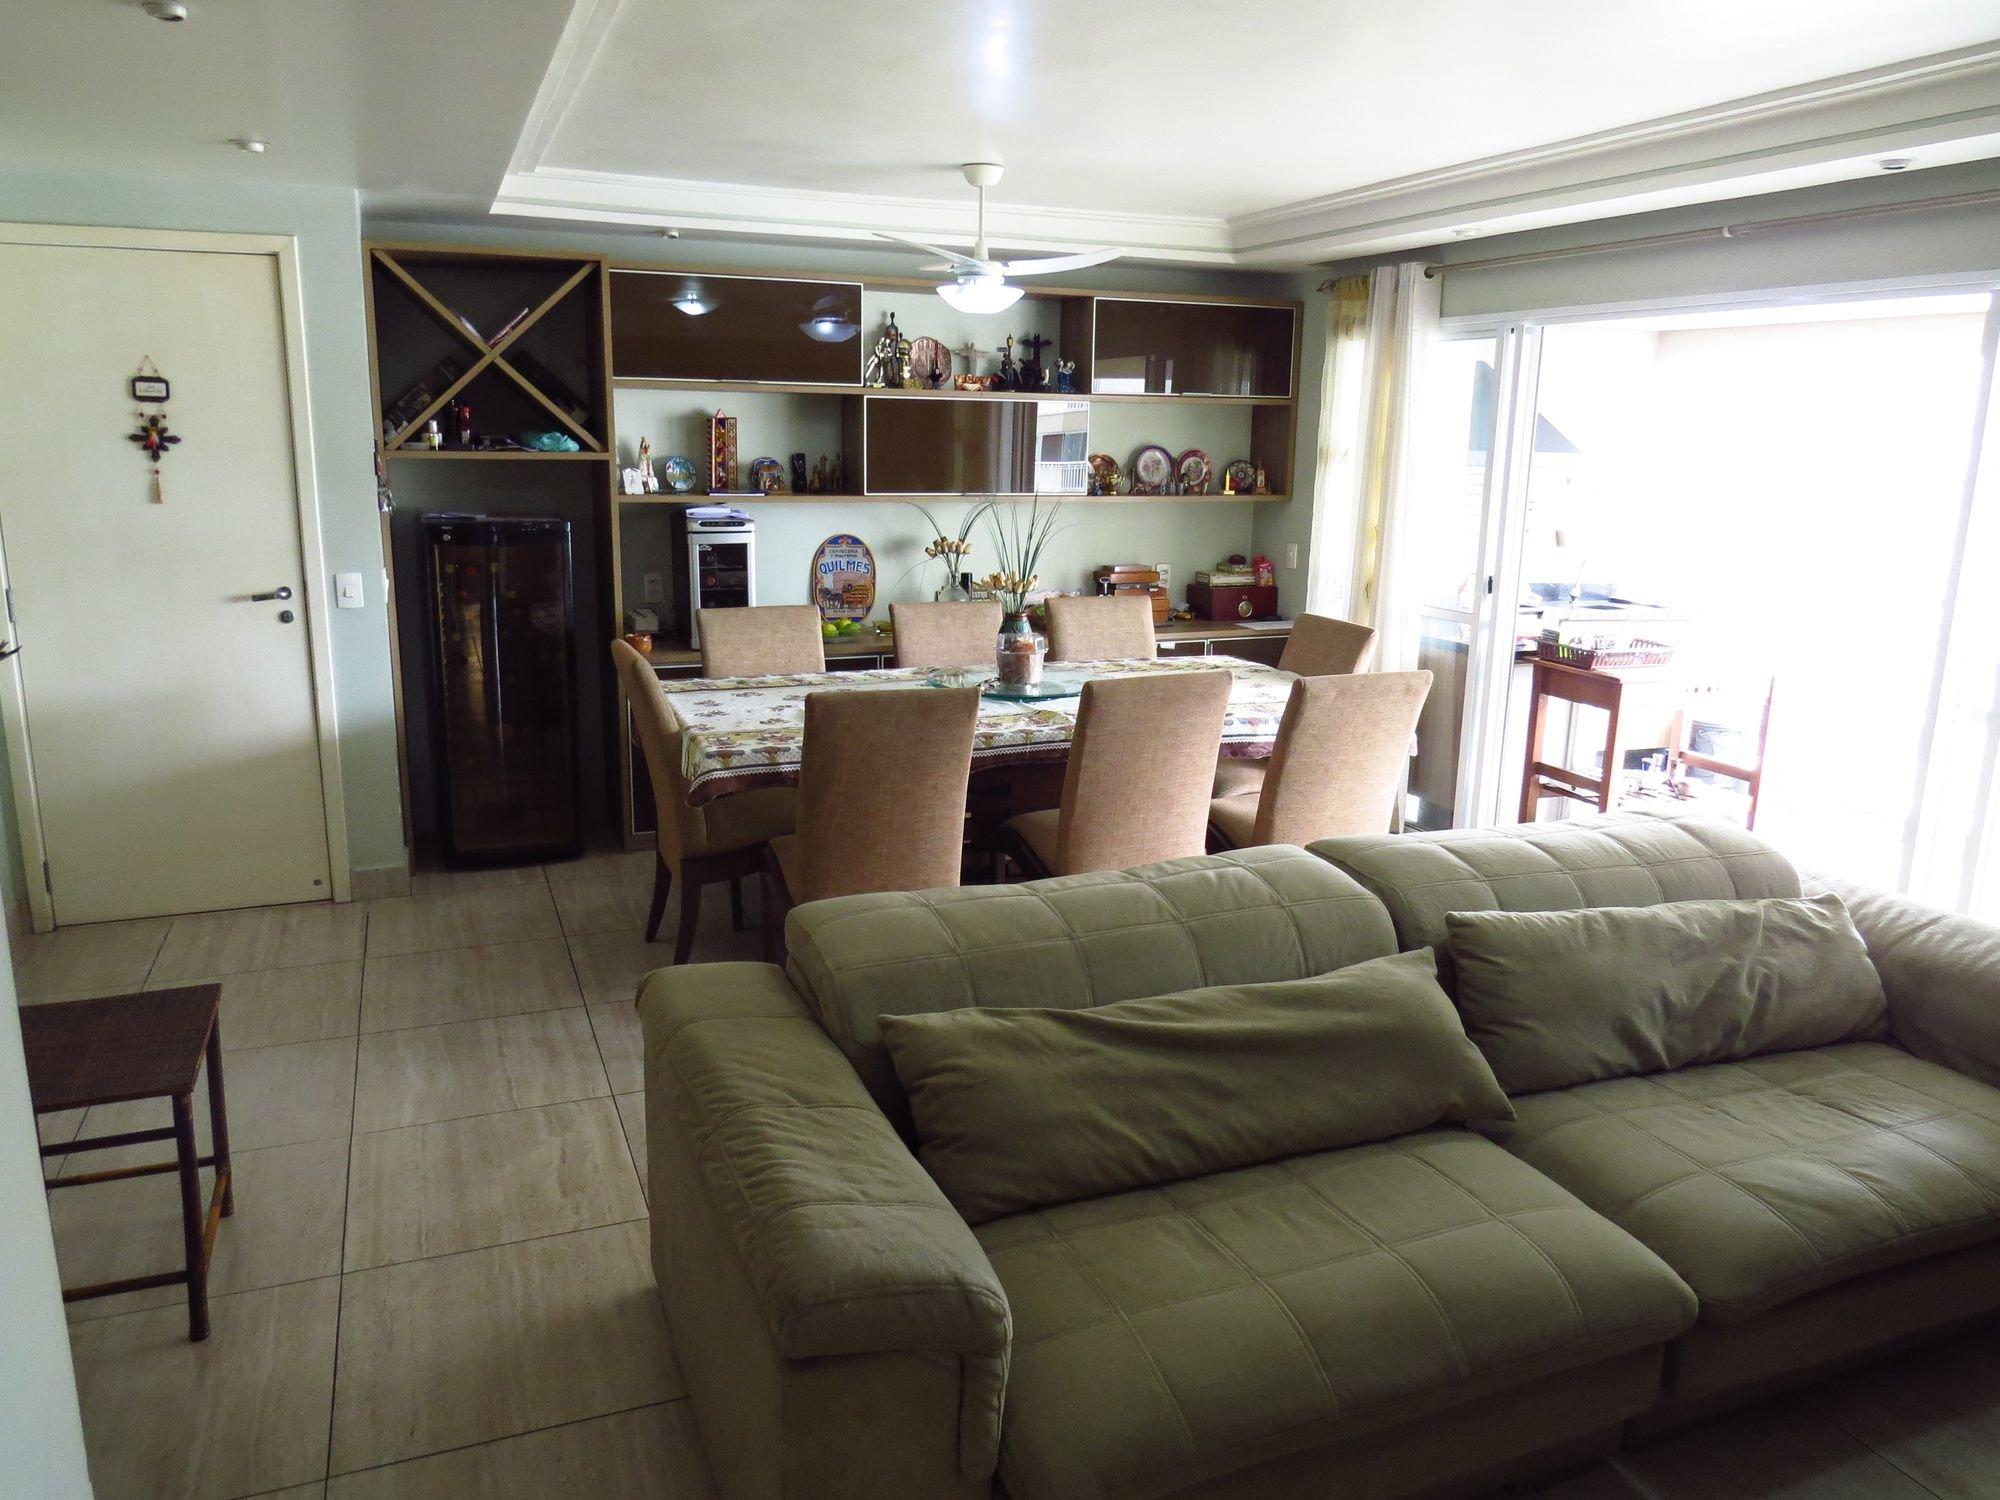 Foto de Sala com sofá, vaso, computador portátil, cadeira, mesa de jantar